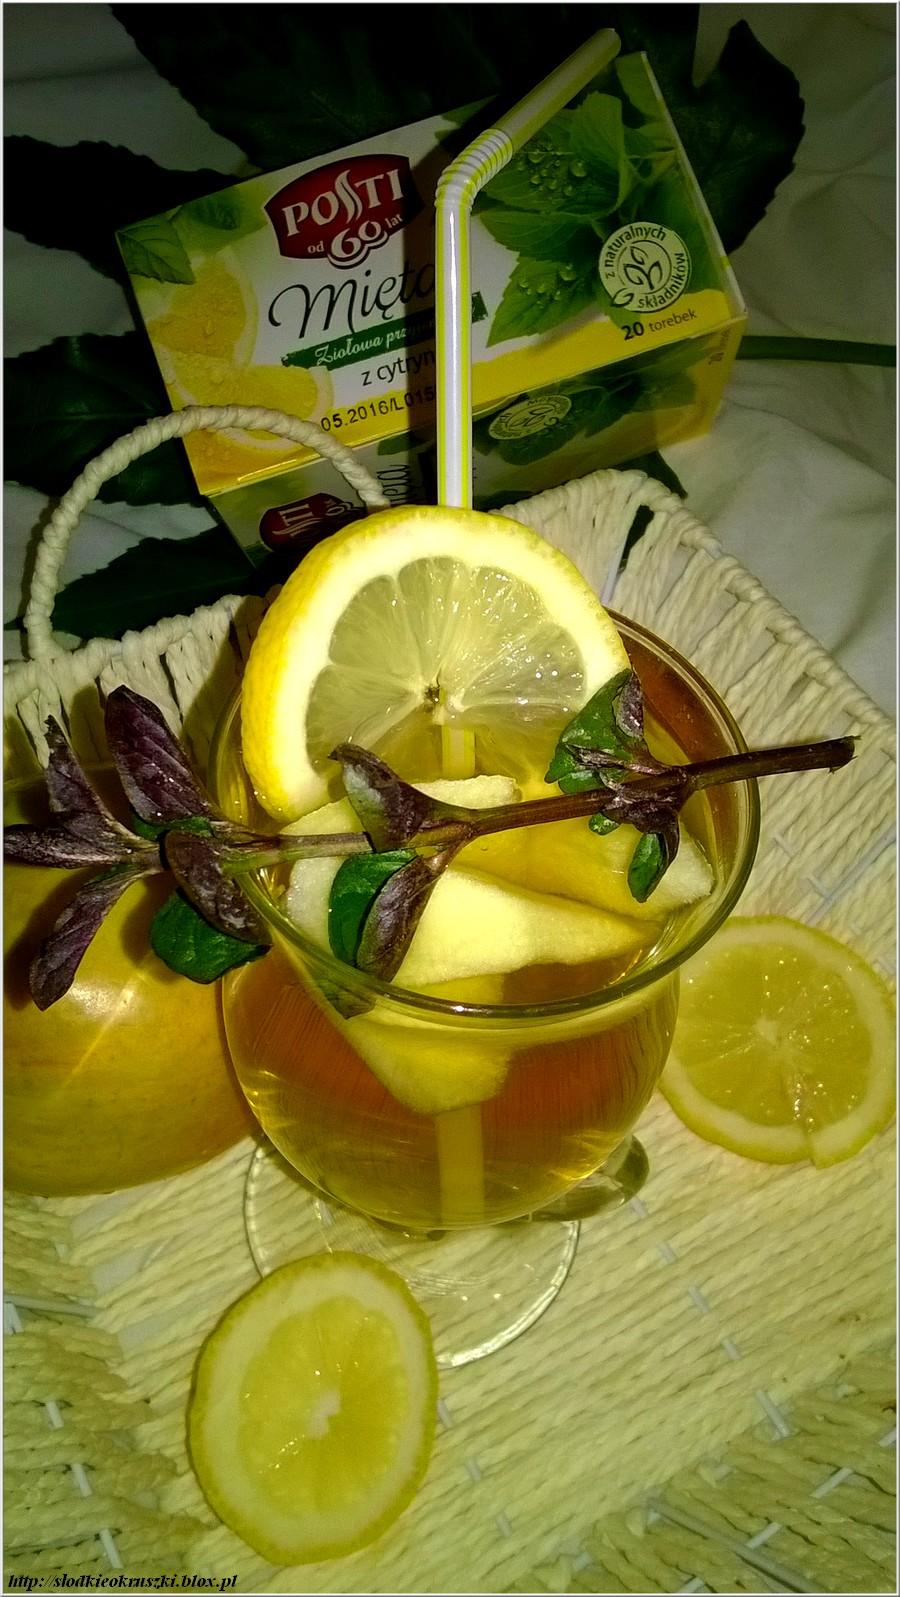 mietowo-gruszkowy-napoj-z-kawalkami-owocow-3